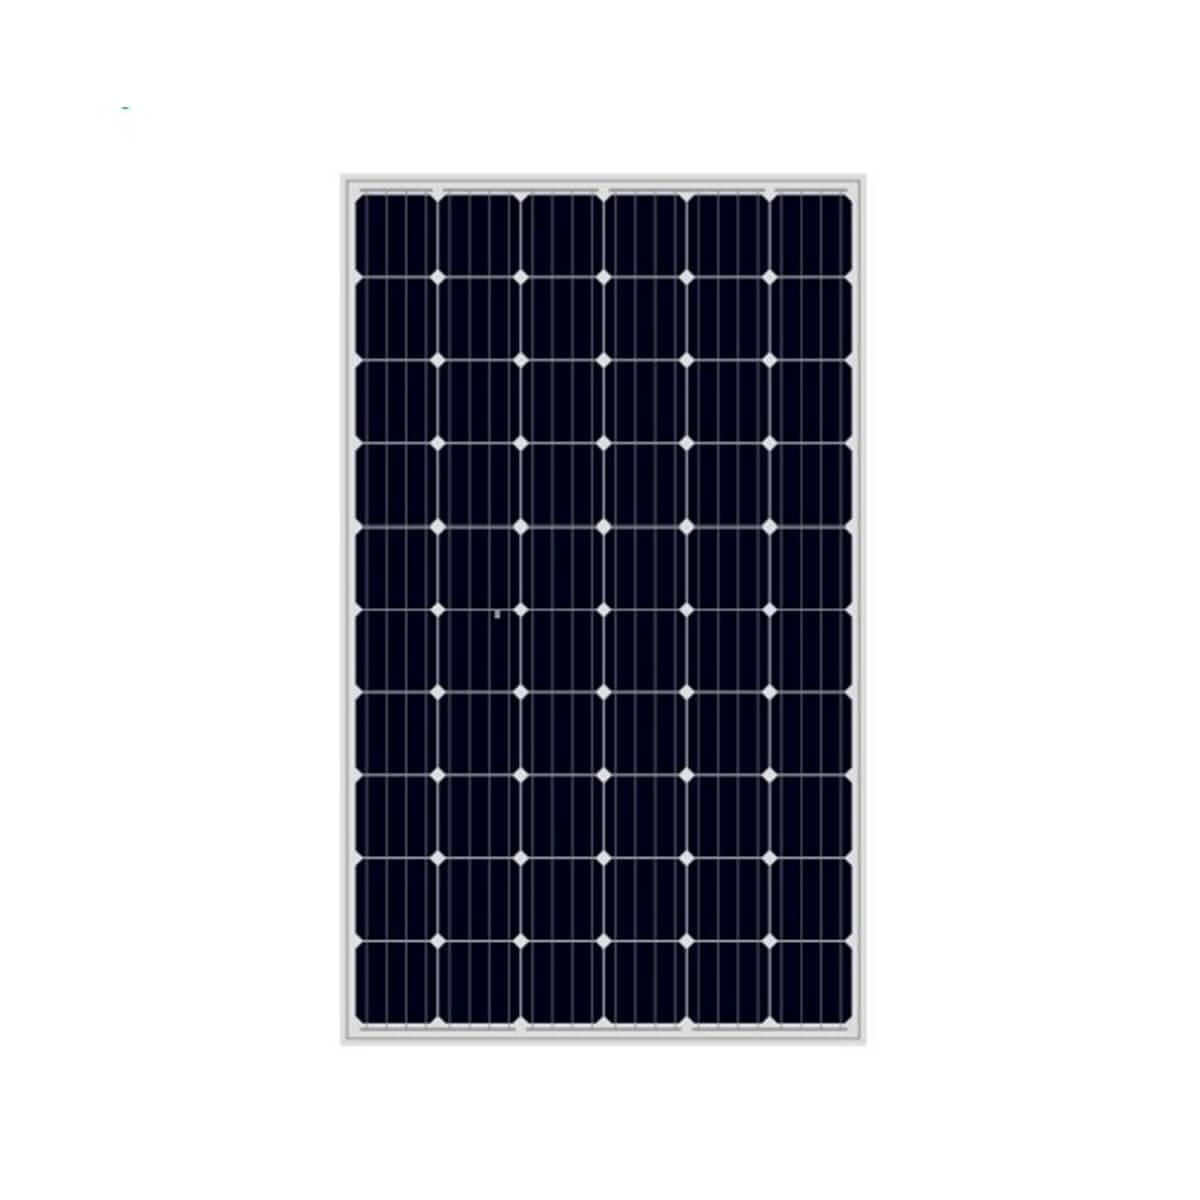 ht solar 335W panel, ht solar 335Watt panel, ht solar 335 W panel, ht solar 335 Watt panel, ht solar 335 Watt monokristal panel, ht solar 335 W watt gunes paneli, ht solar 335 W watt monokristal gunes paneli, ht solar 335 W Watt fotovoltaik monokristal solar panel, ht solar 335W monokristal gunes enerjisi, ht solar HT60-156M-335W panel, HT SOLAR 335 WATT